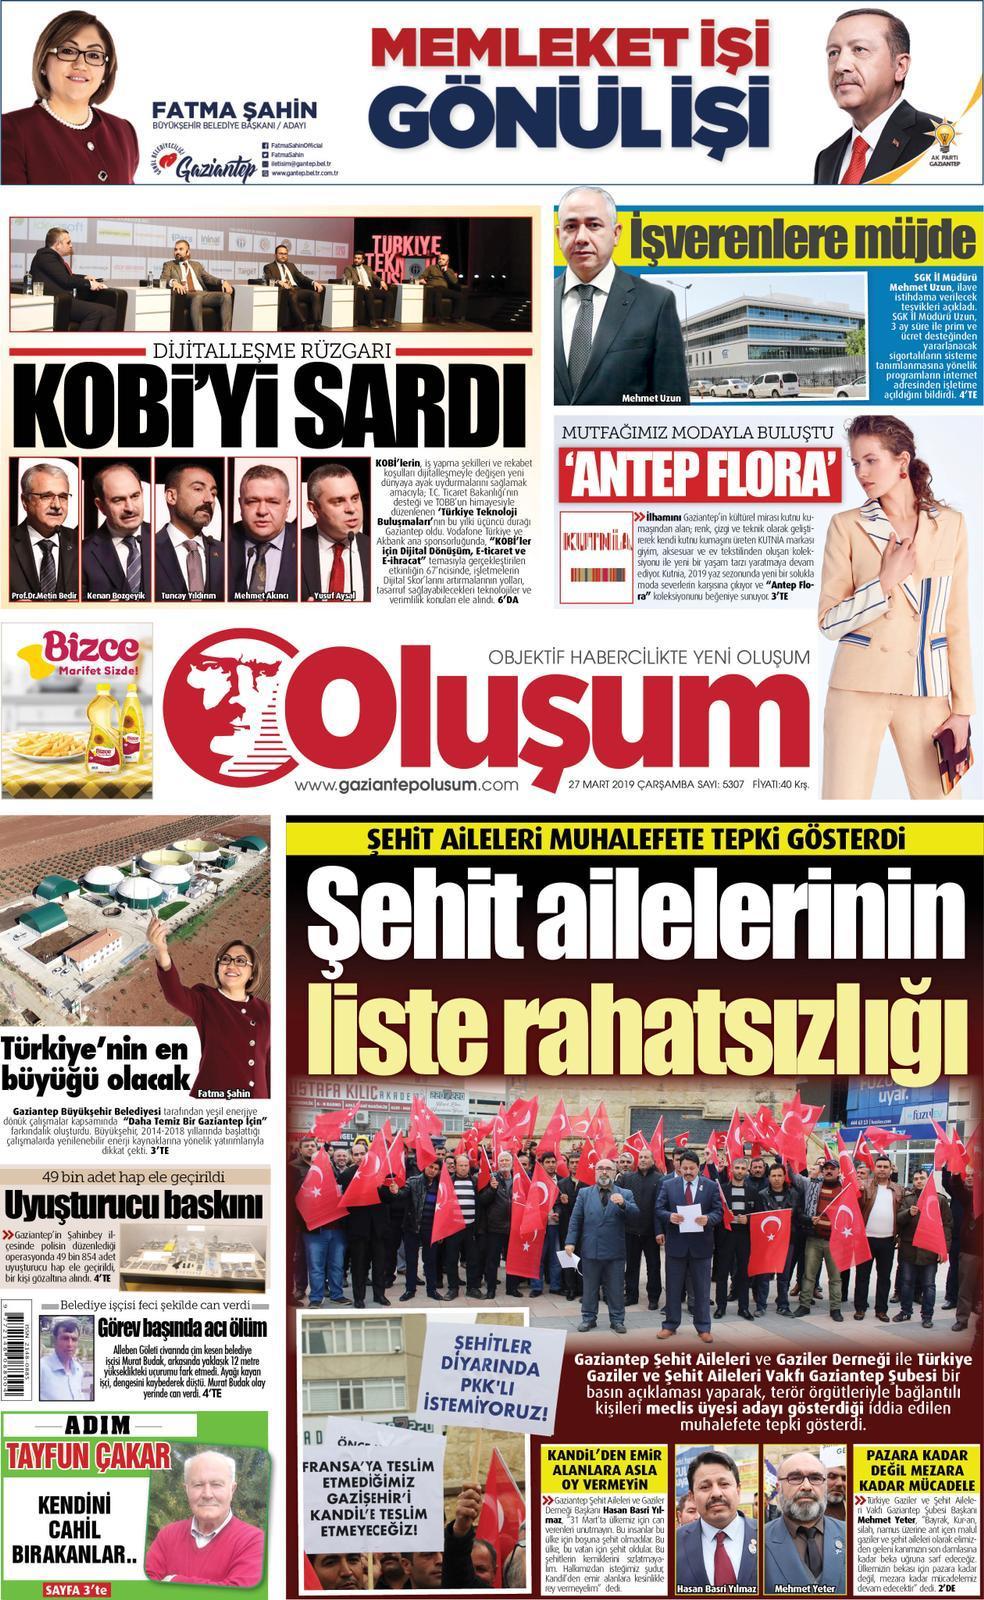 Vakfımızın Gaziantep Şubesinden, PKK İle İrtibatlı Kişilerin Adaylığına Tepki